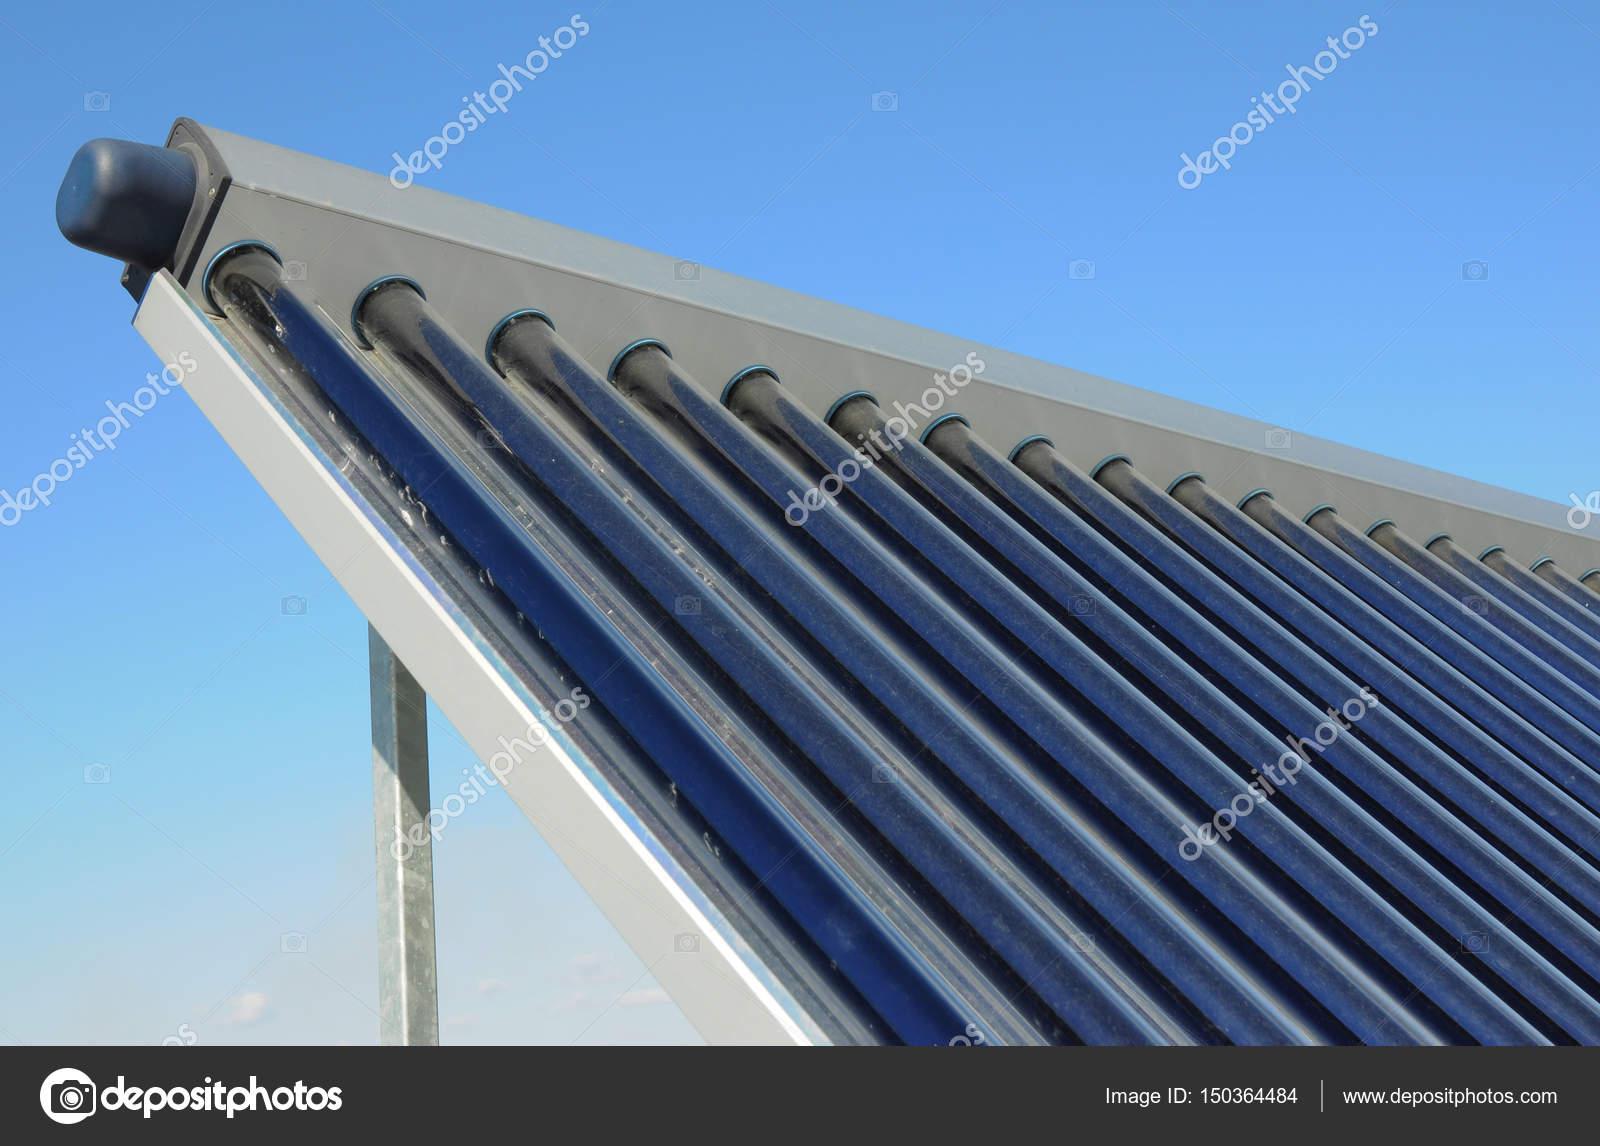 Superbe Toit De La Maison Moderne Avec Chauffe Eau Solaire, Panneaux Solaires.  Système De Chauffage De Panneau Solaire De Lu0027eau. Energie Concept U2014 Image  De ...